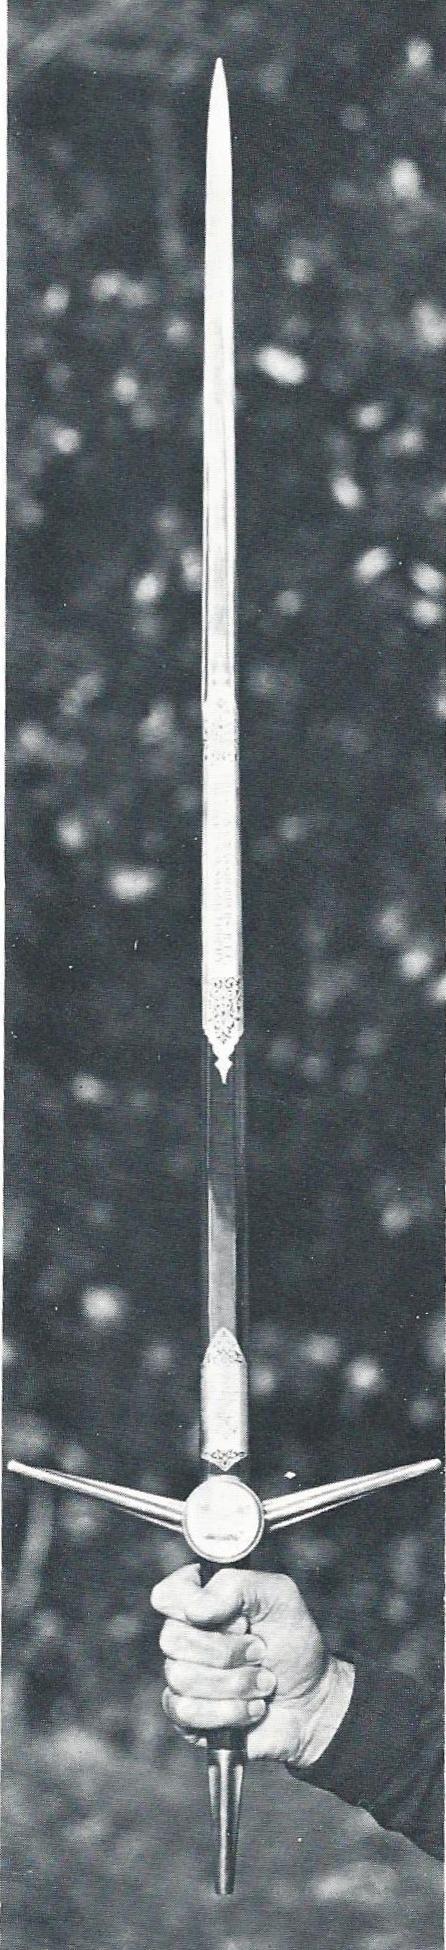 Wilkinson's Sword